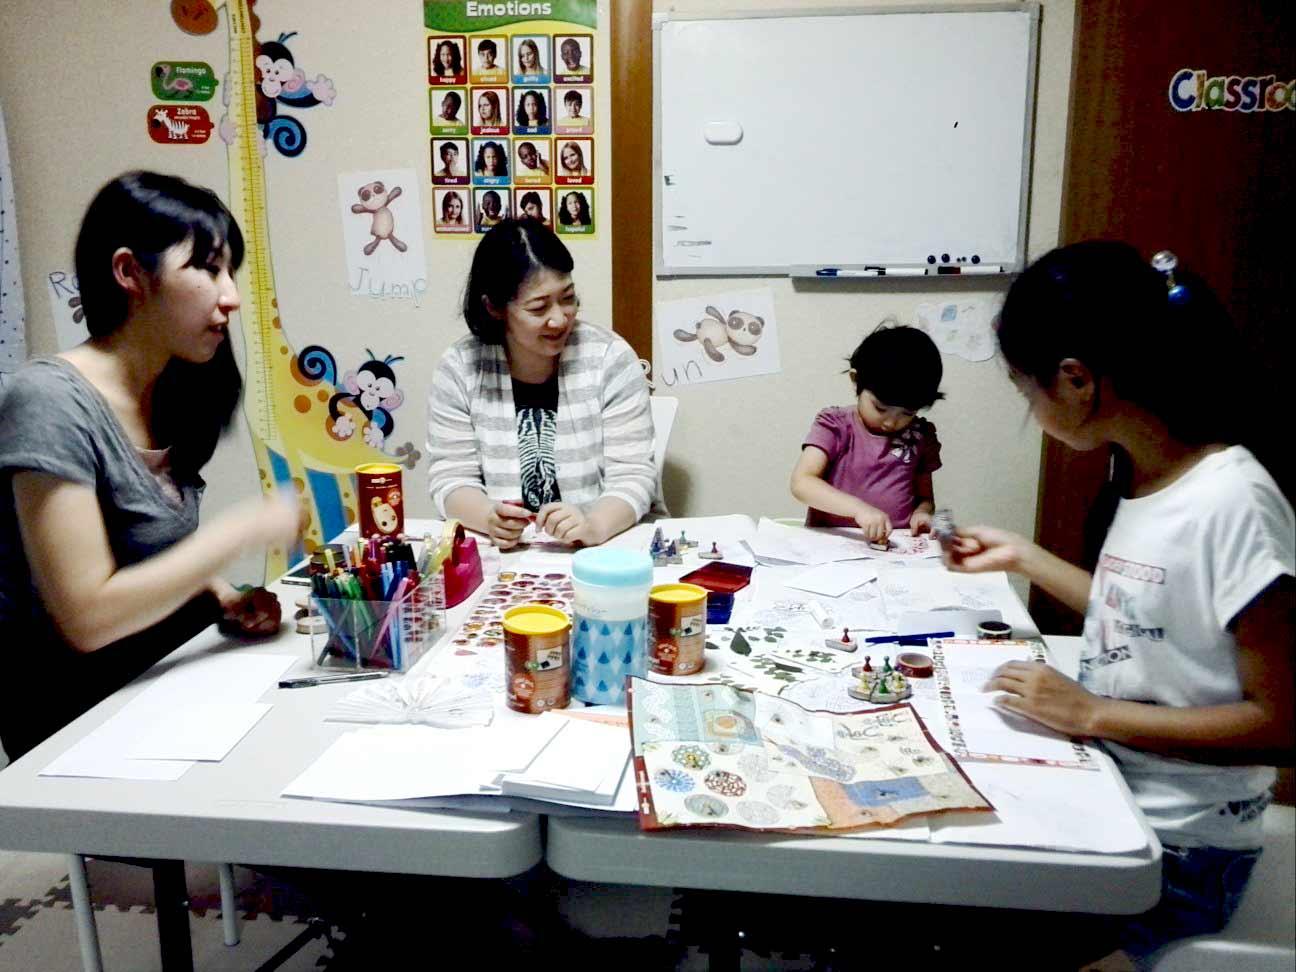 敬老の日カードを作ろう!<br>木のおもちゃ知育&英語あそび体験会、開催します!